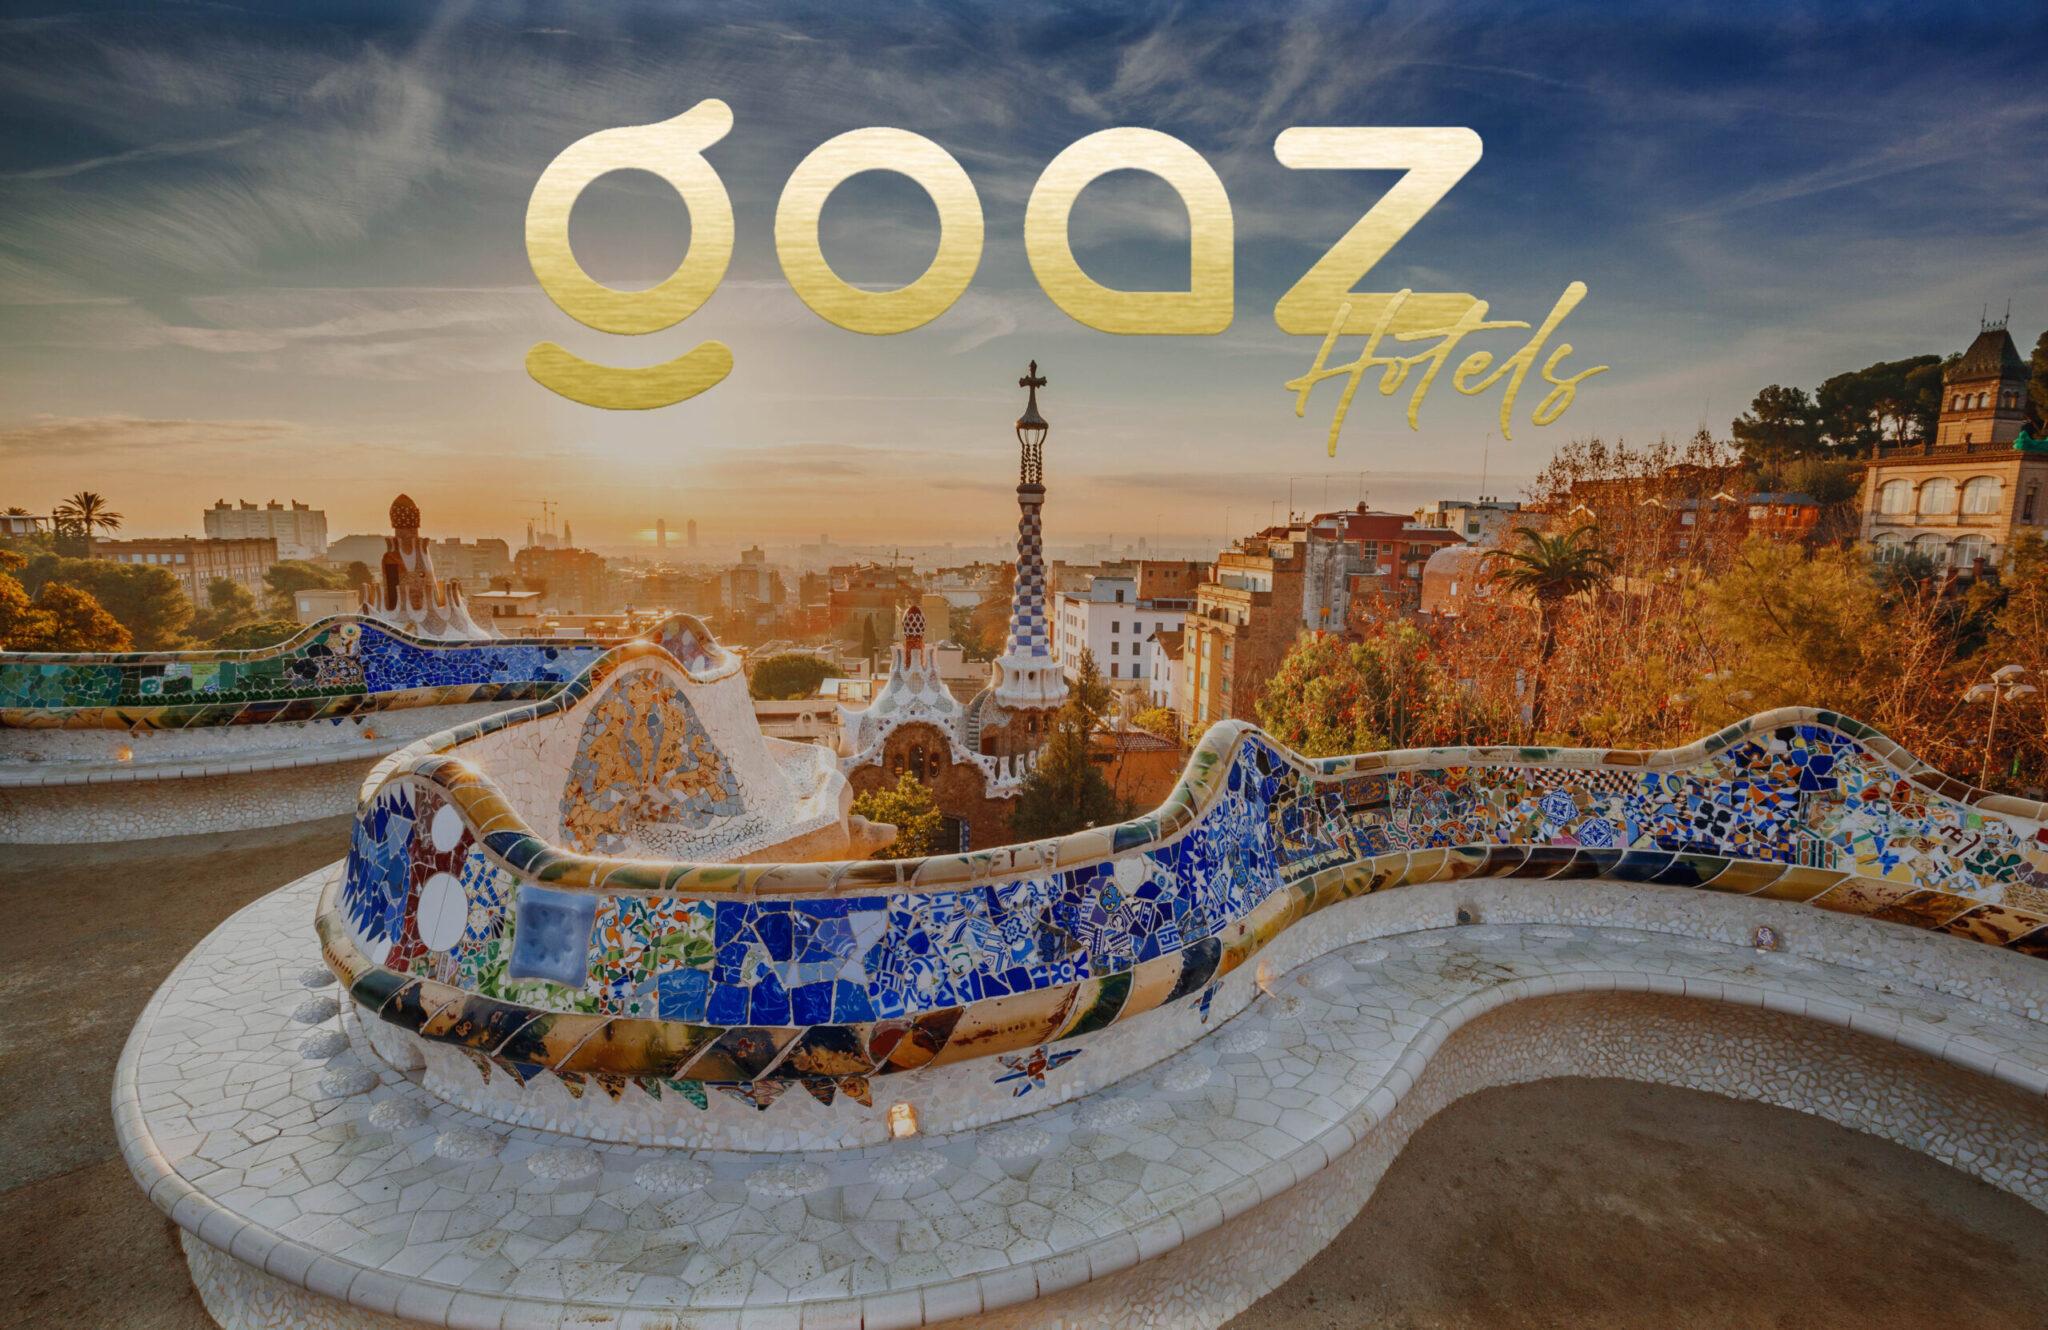 Estos son los 10 mejores hoteles para alojarse en Barcelona, según GOAZ